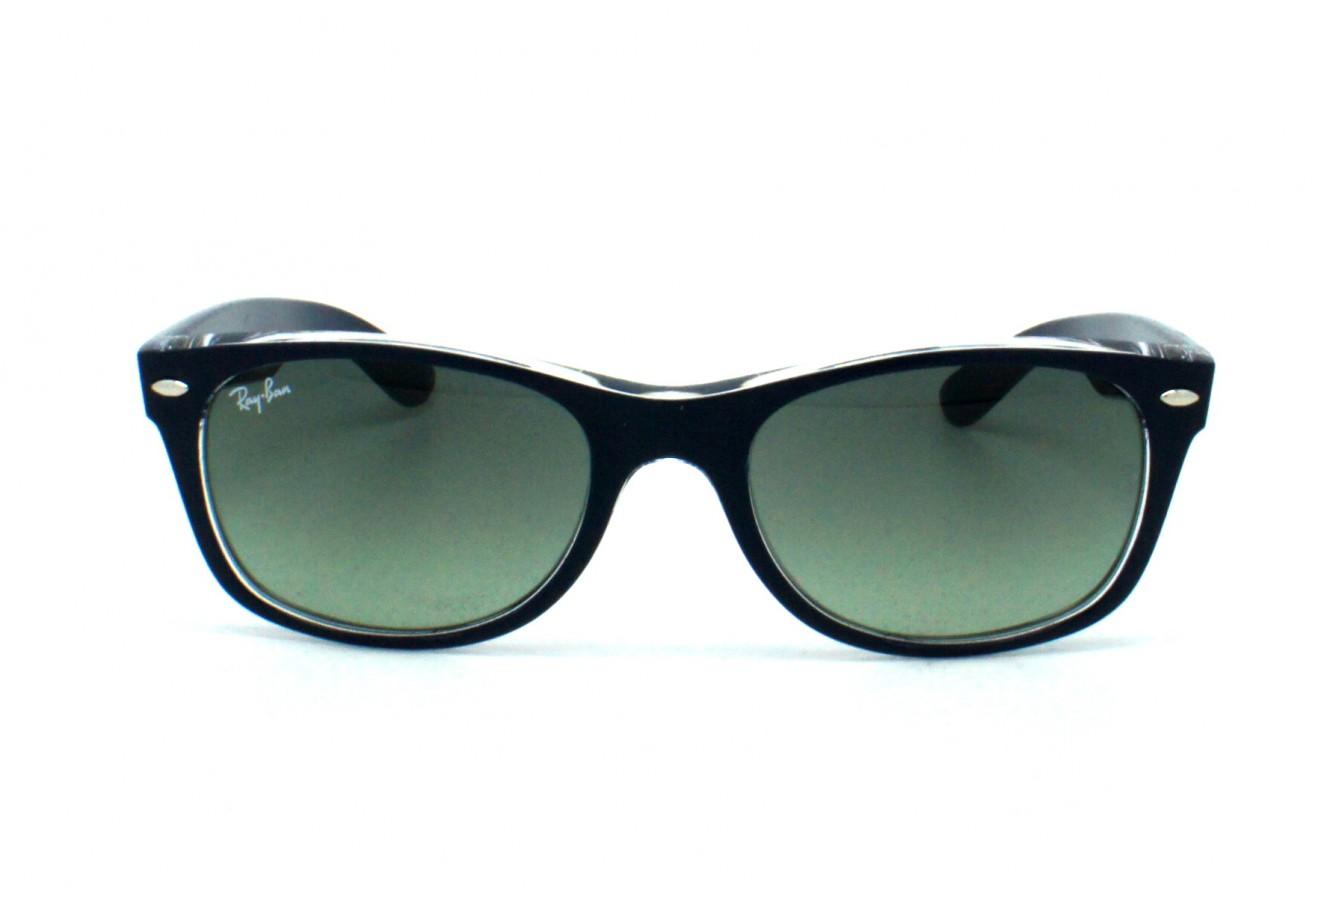 lunettes de soleil ray ban rb 2132 new wayfarer 605371 55 18. Black Bedroom Furniture Sets. Home Design Ideas